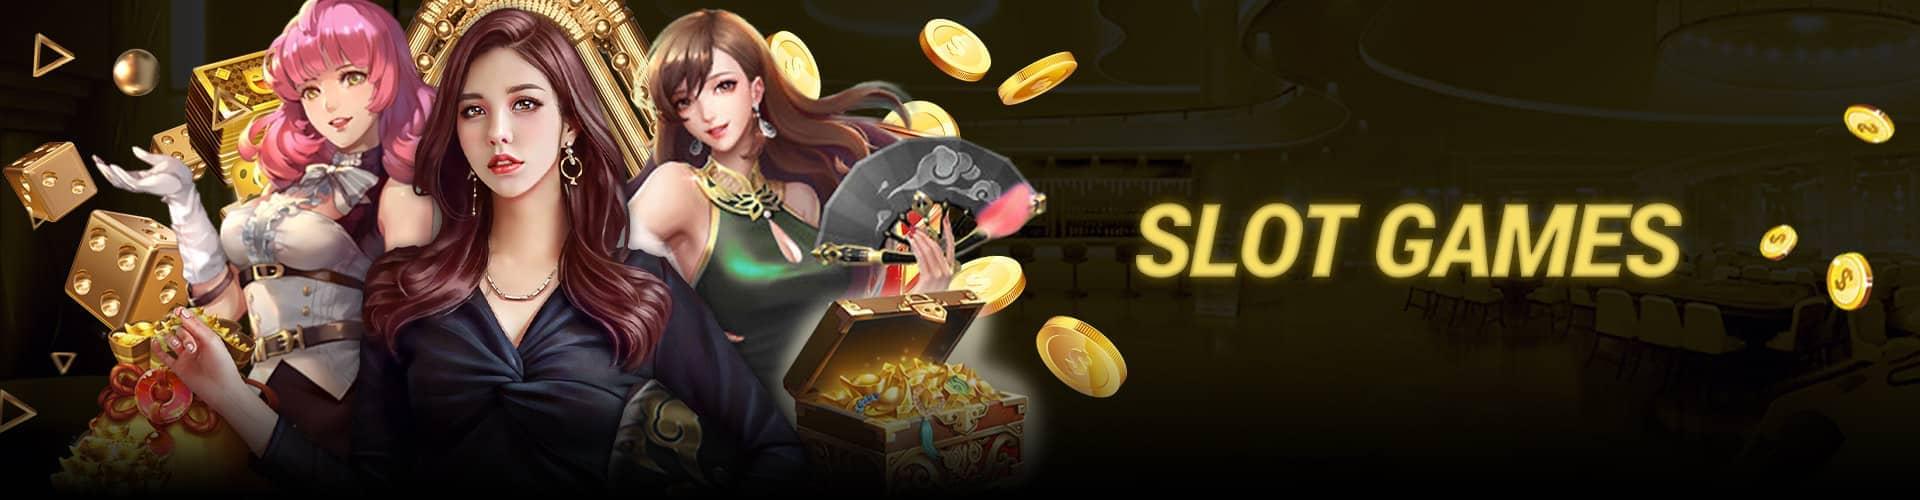 game slotxo banner